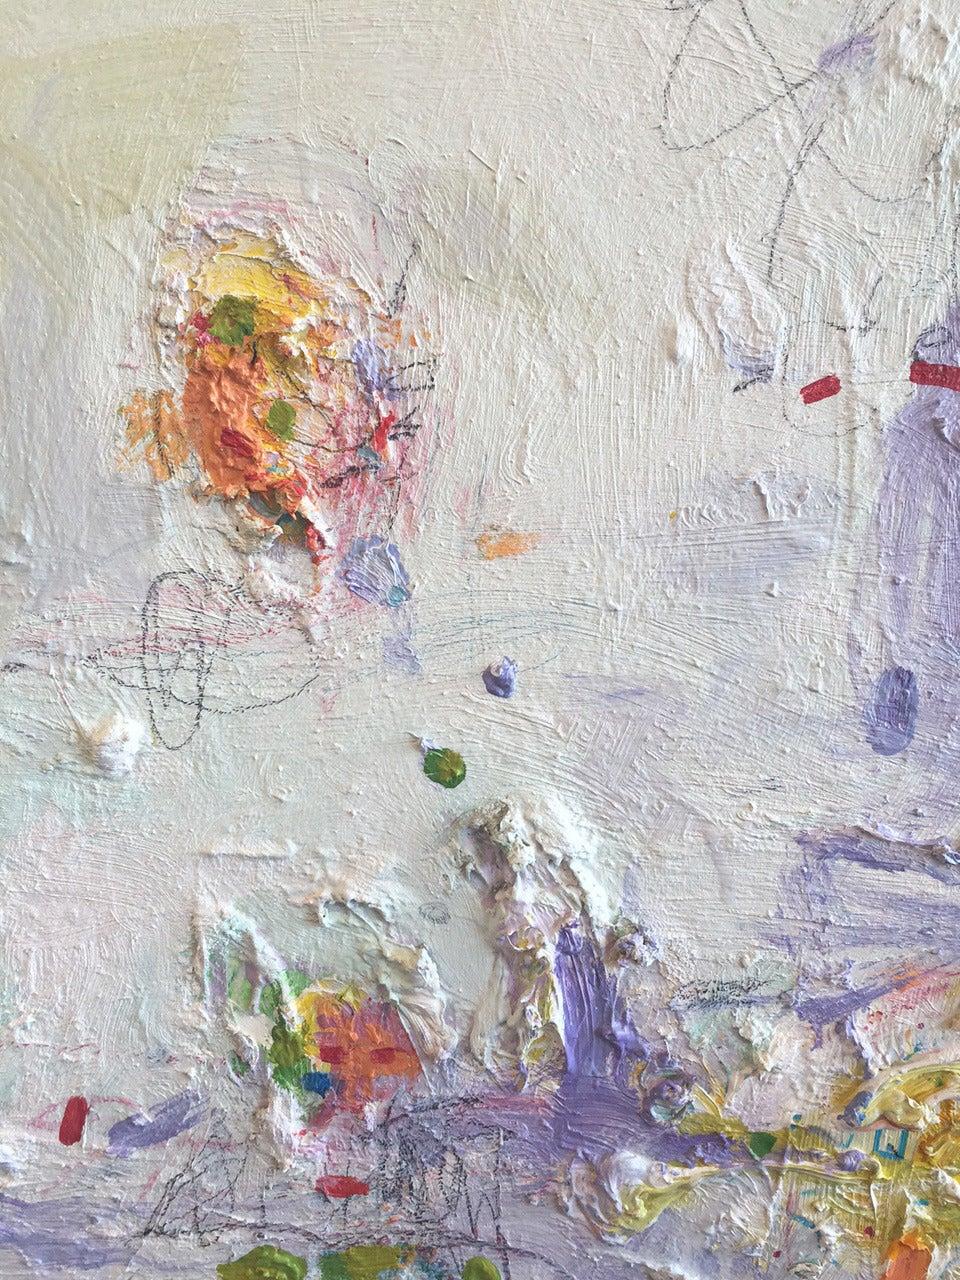 Santa Fe Reflection No.4 - Abstract Painting by David Miller